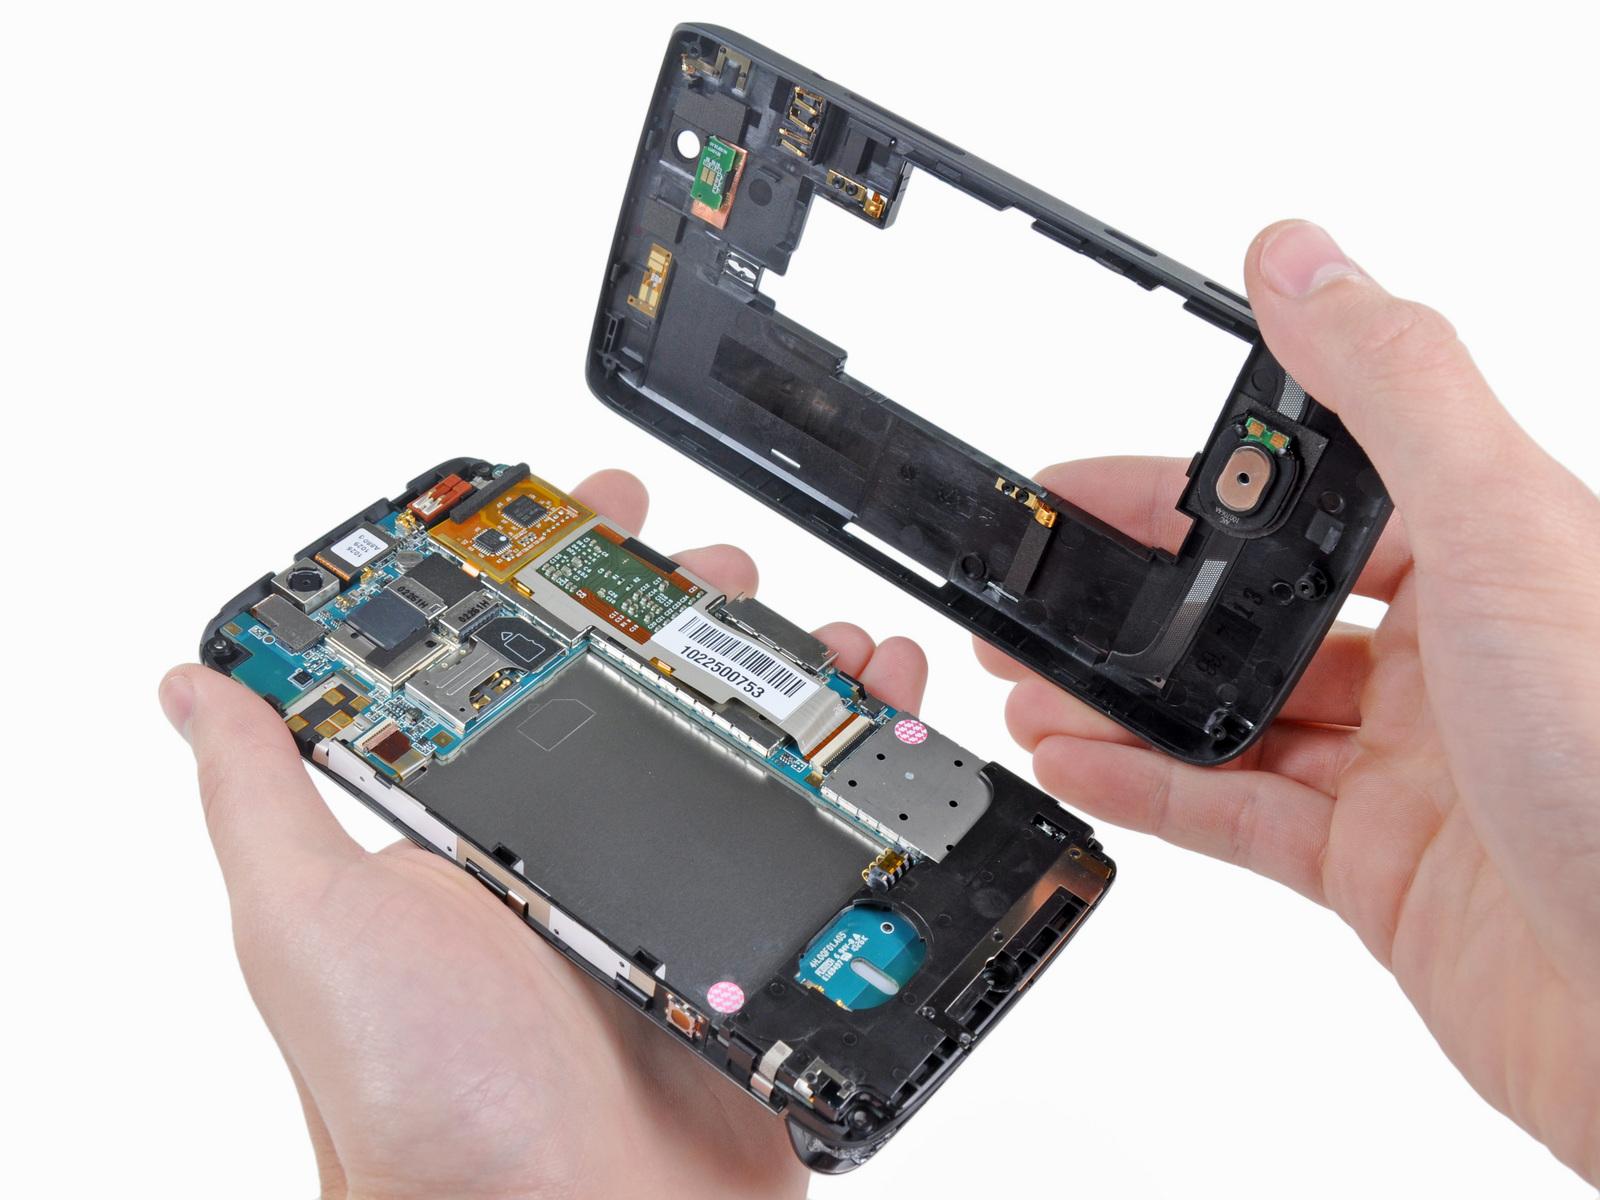 Dịch vụ sửa chữa điện thoại Bình Minh Mobile - Uy tín Chất lượng Giá thành hợp lý